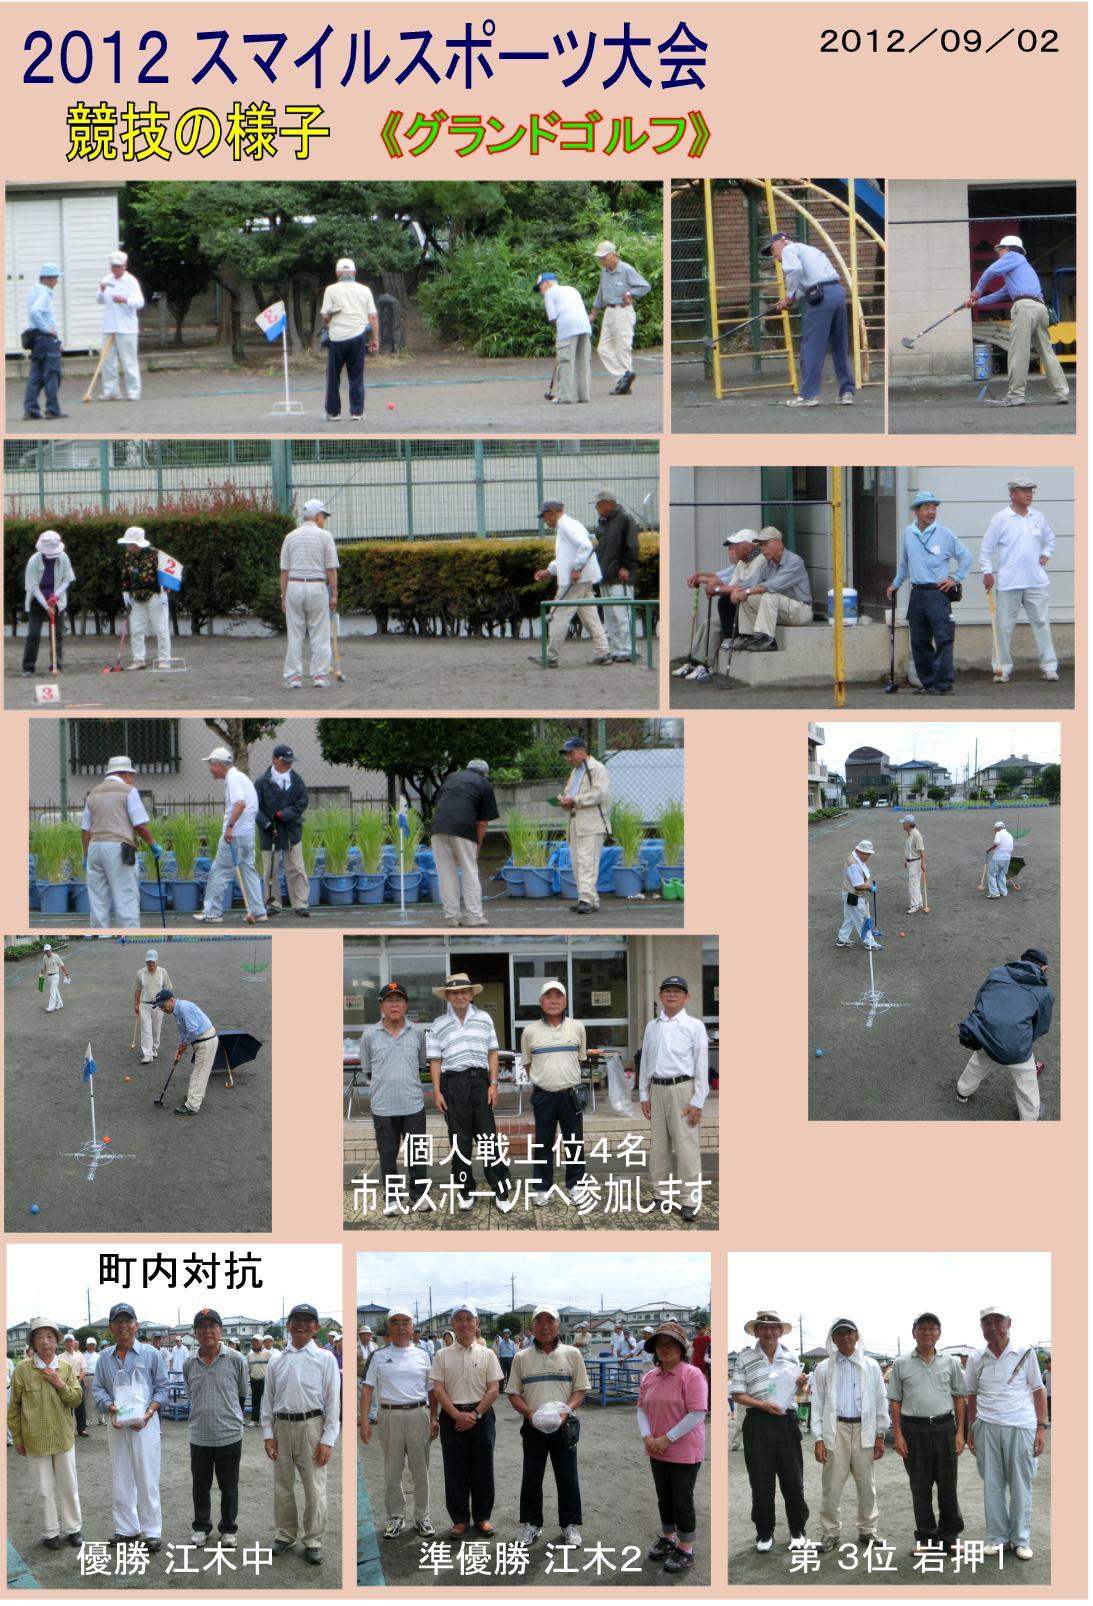 2012 競技速報(グランドゴルフ) A4版 .jpg